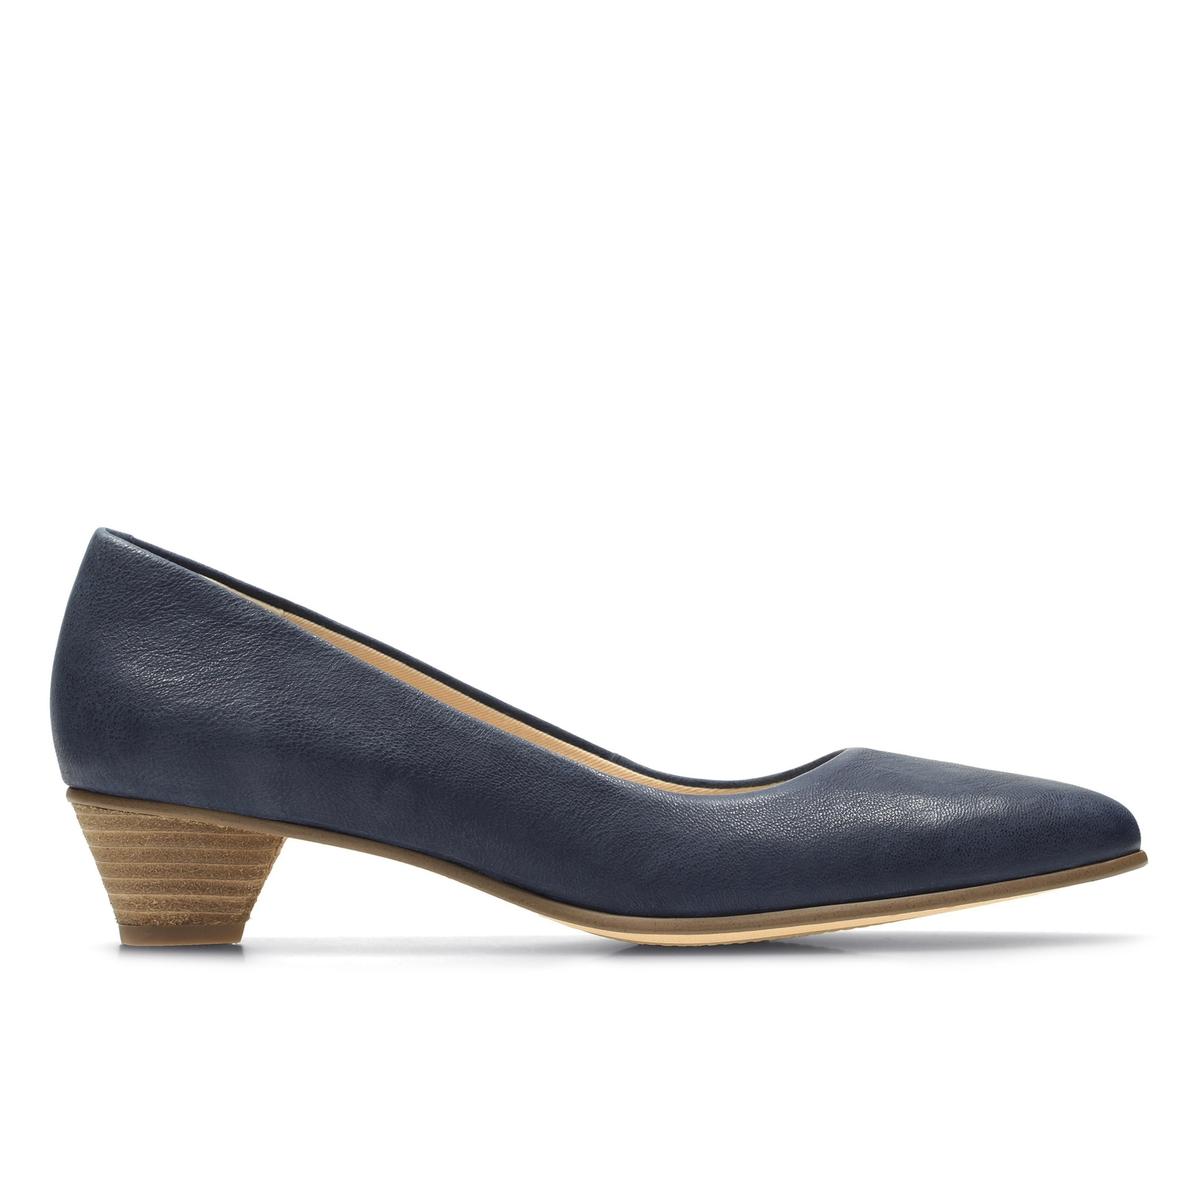 Туфли кожаные Mena BloomОписание:Детали •  Широкий каблук •  Высота каблука : 3,5 см. •  Застежка : без застежки •  Заостренный мысок •  Гладкая отделкаСостав и уход •  Верх 100% кожа •  Подкладка 100% текстиль •  Стелька 100% кожа •  Подошва 100% каучук<br><br>Цвет: синий морской,черный